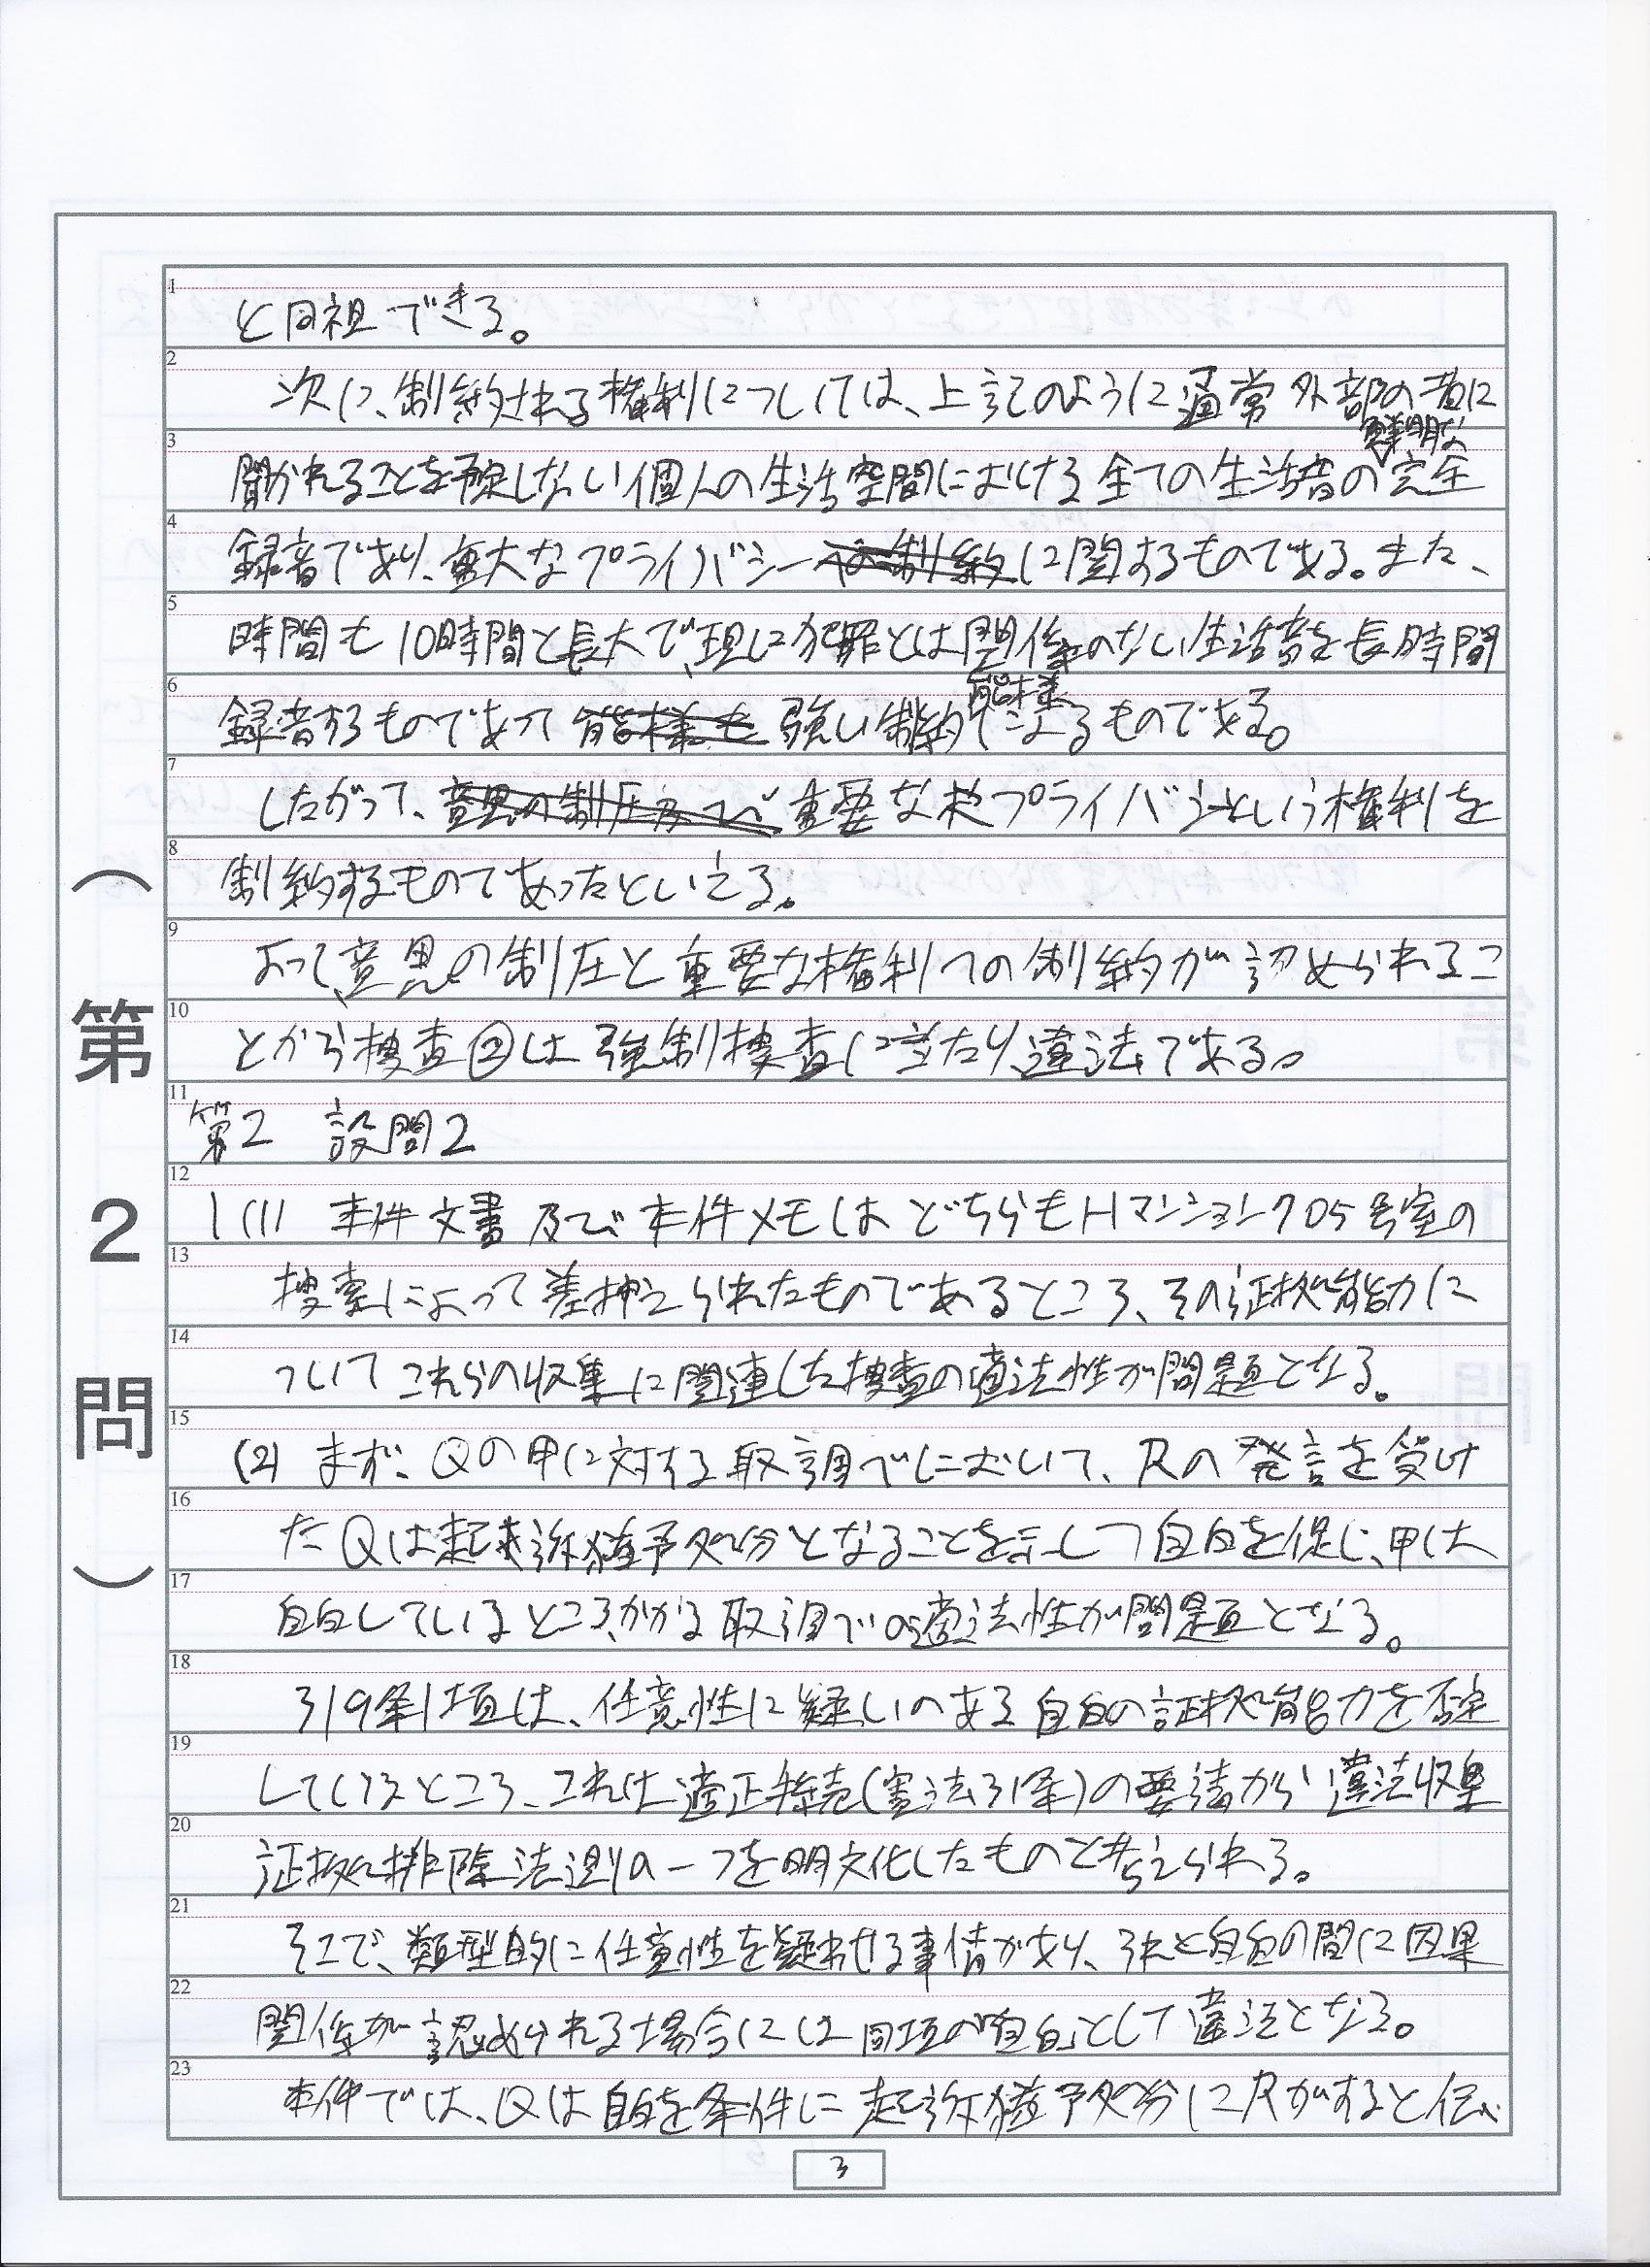 h27keiso3.jpg